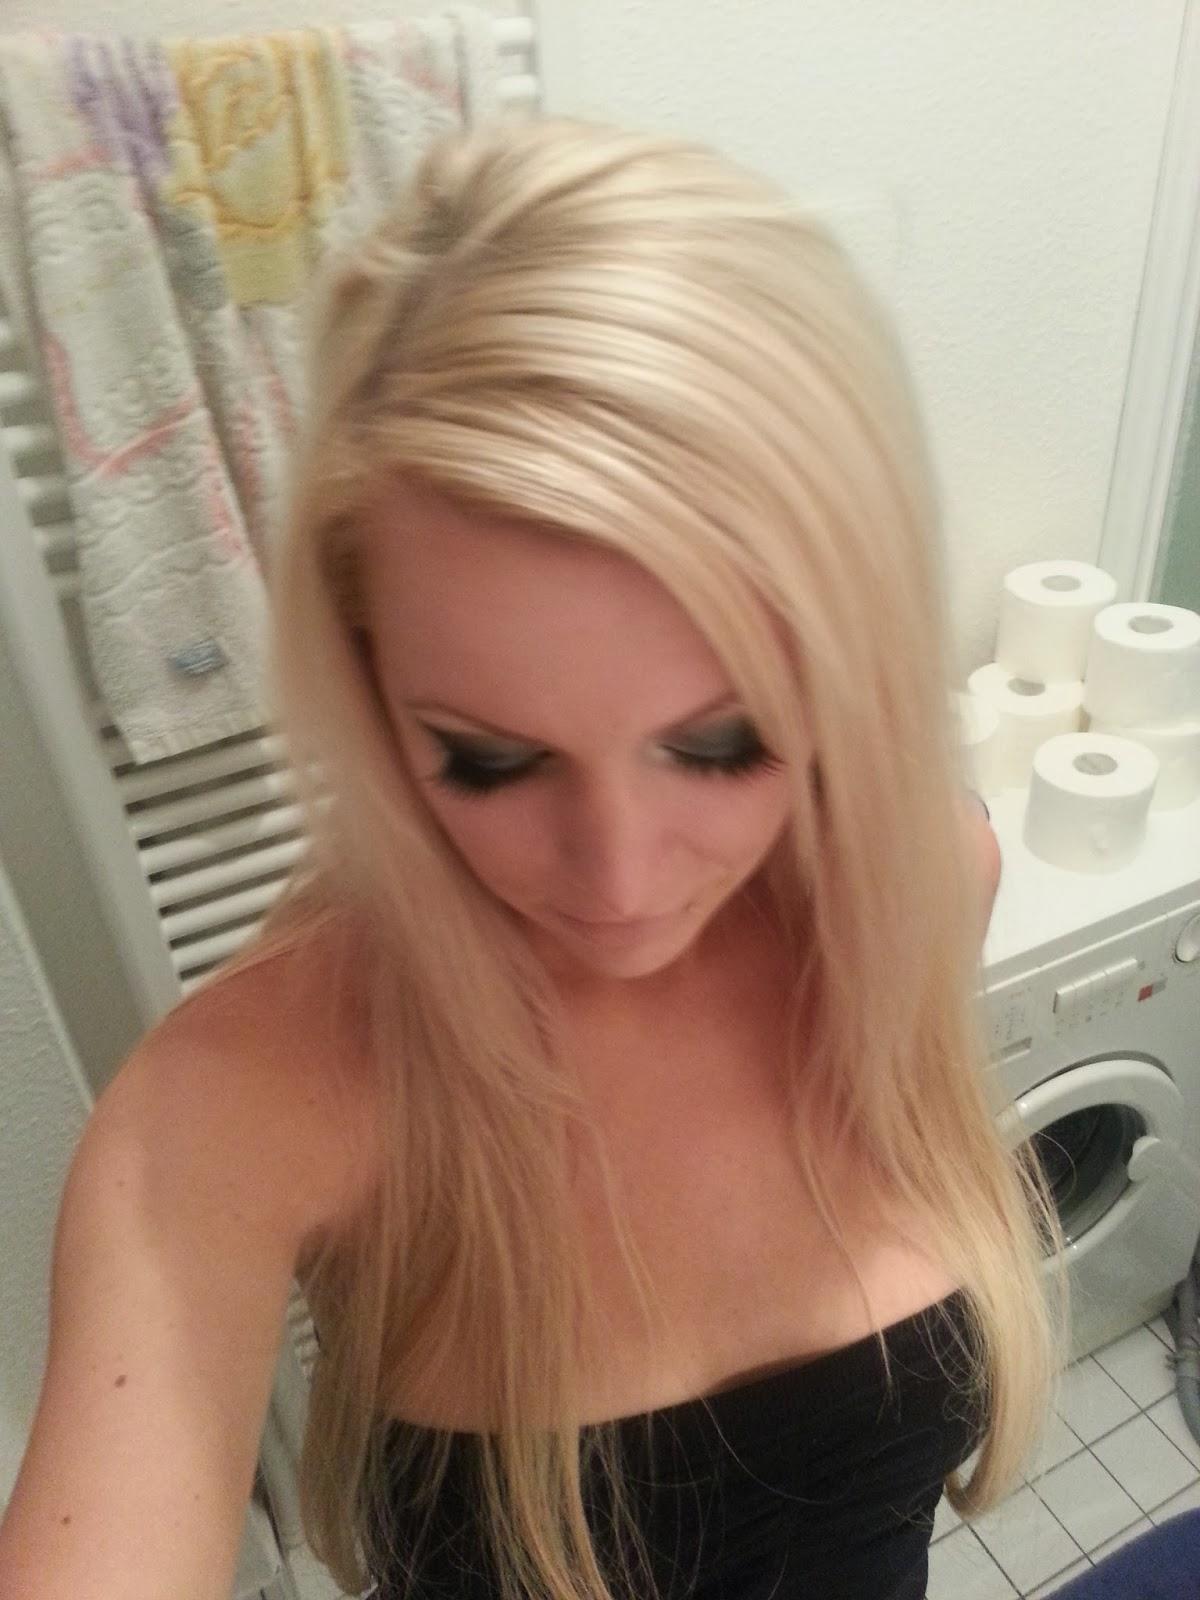 Gelb Orange Haare Aschblond Farben Stilvolle Frisur Website Foto Blog